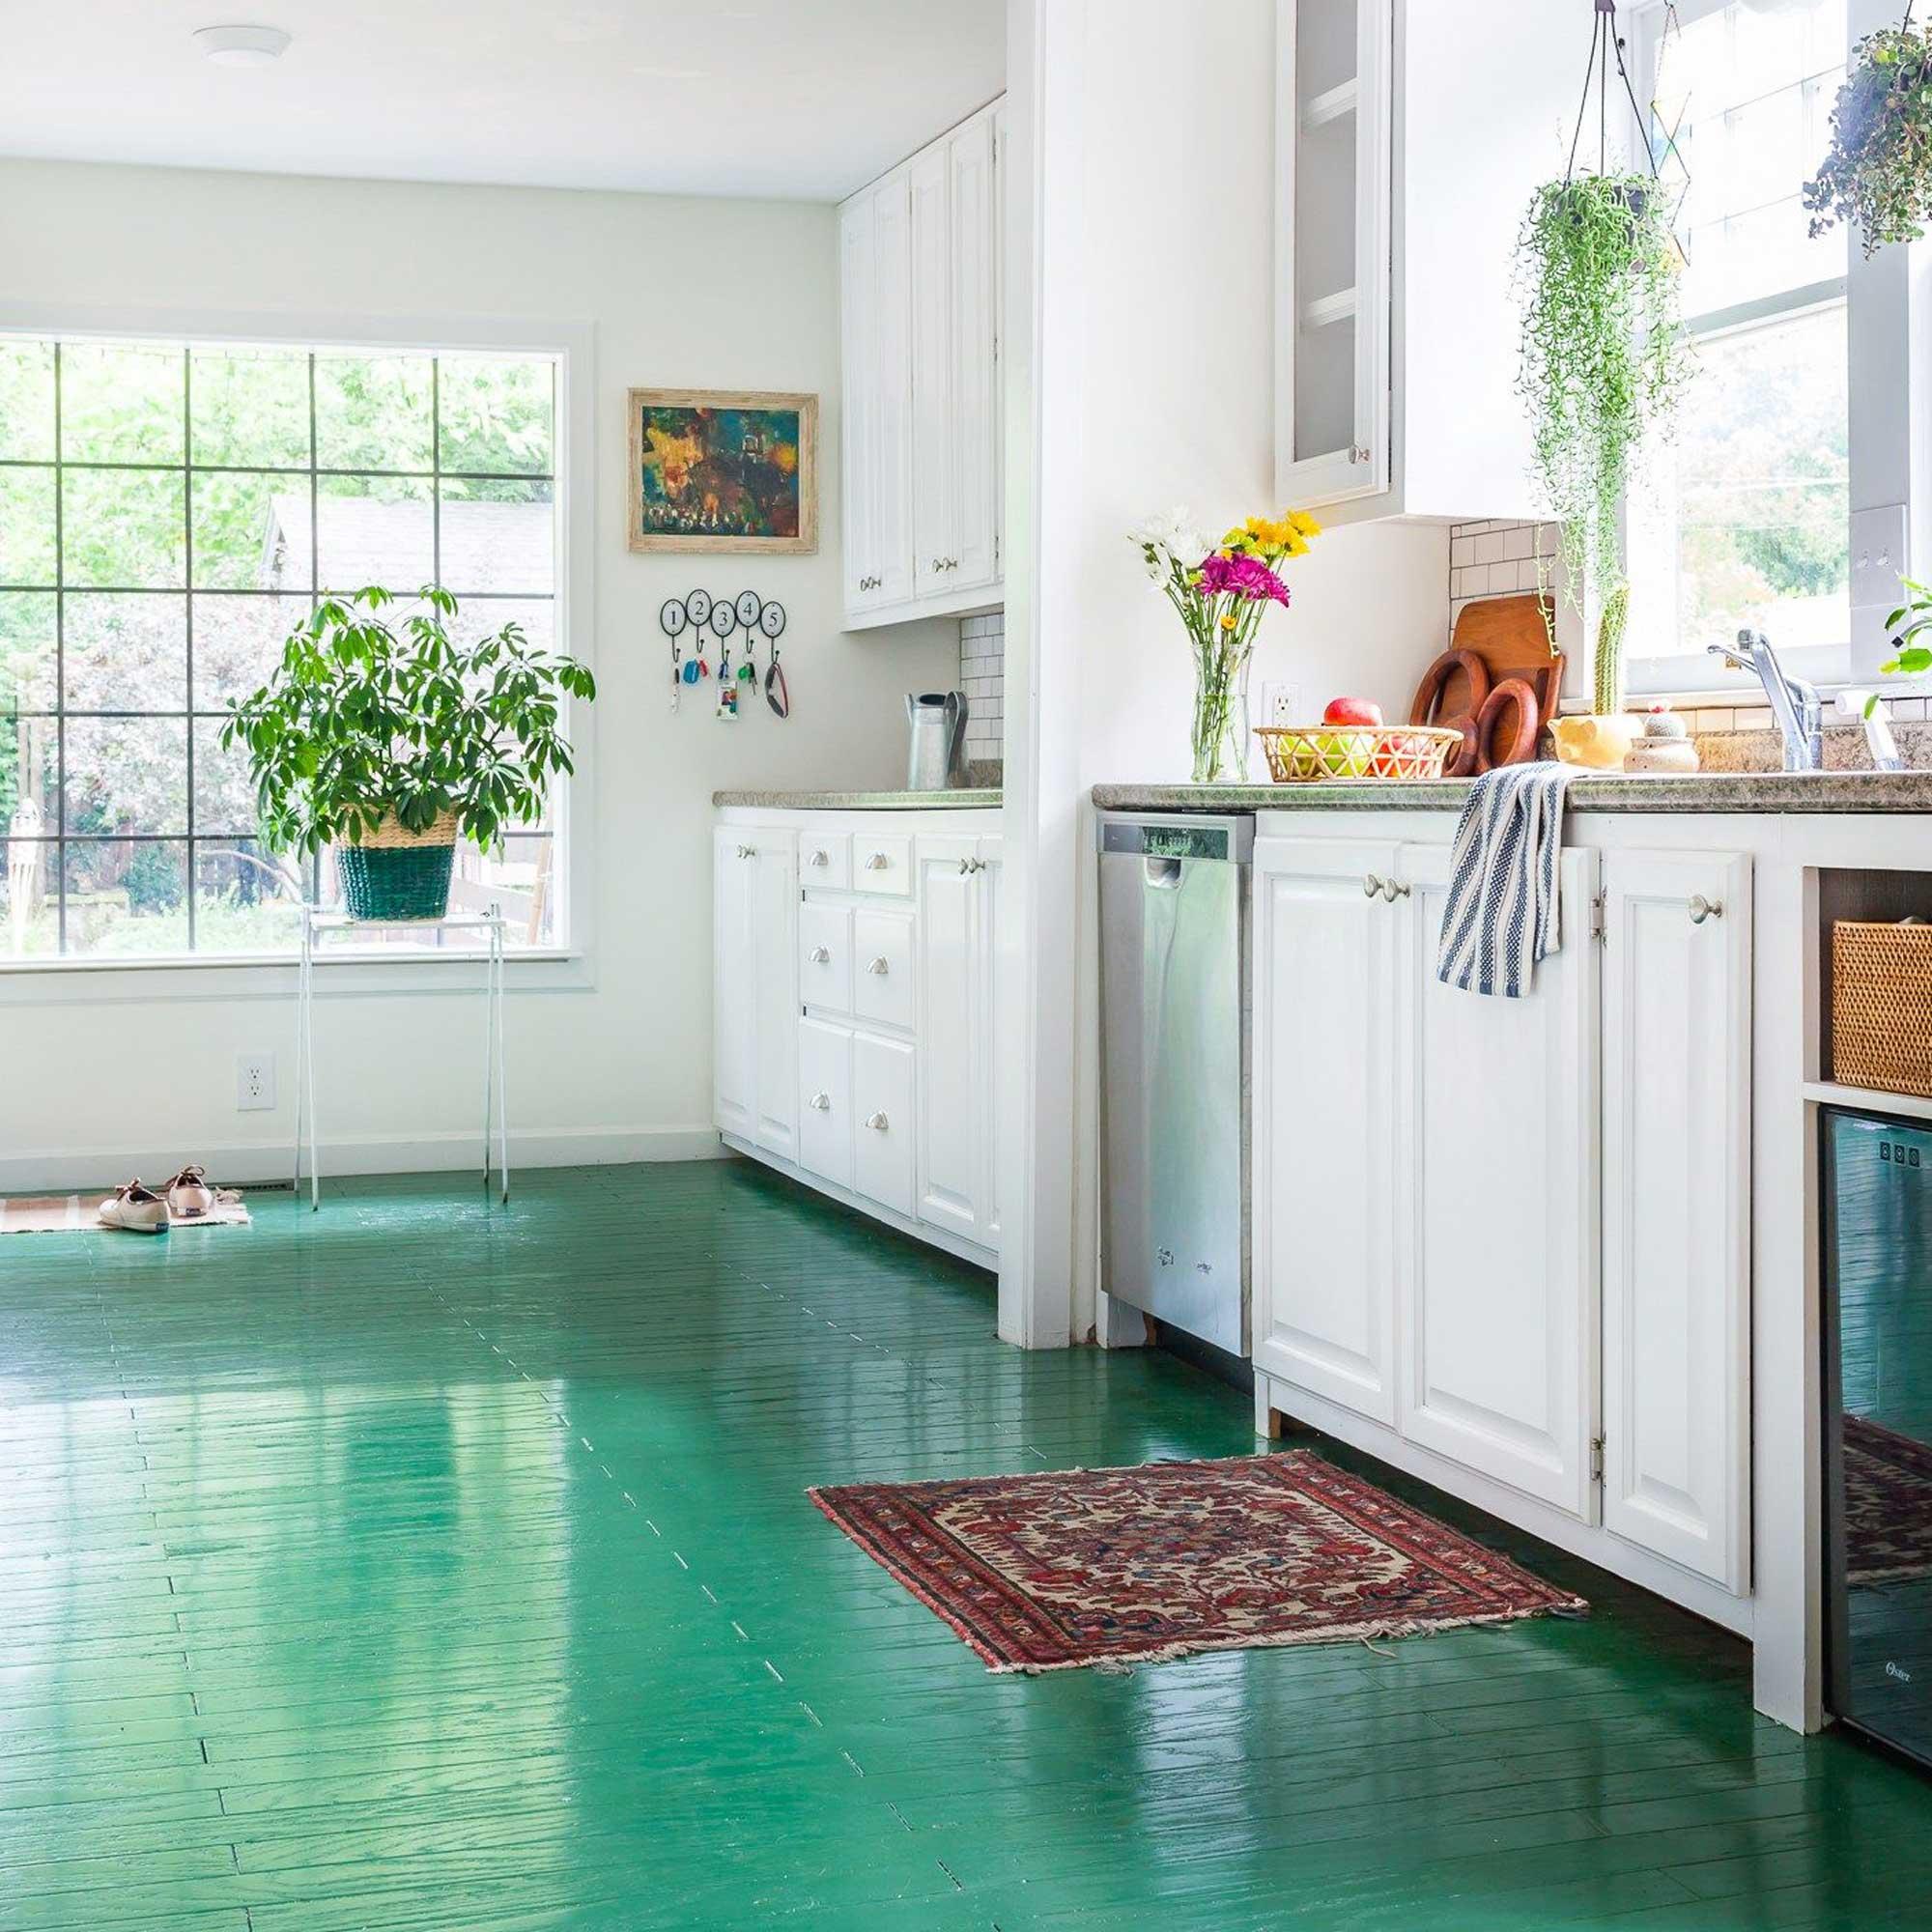 Renoviranje stana za najam: 5 načina za prekrivanje oštećenih podova - Boja